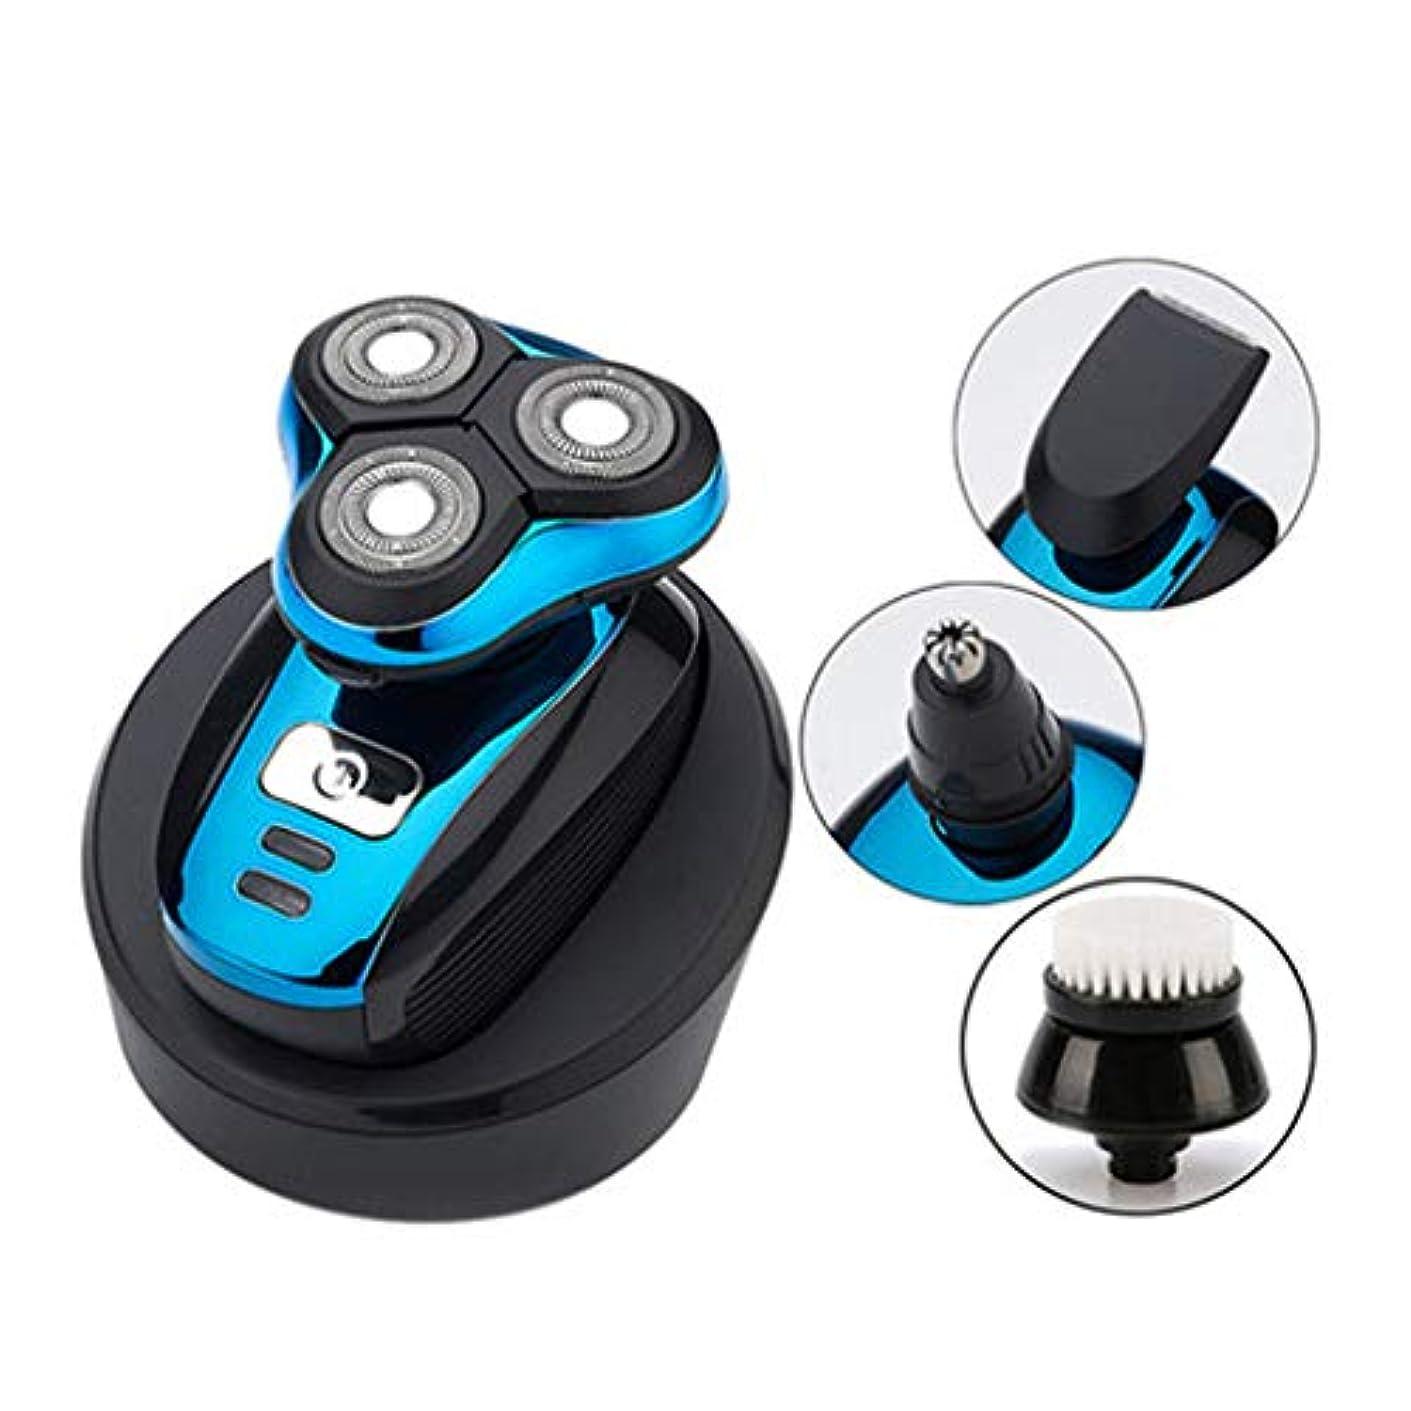 サルベージ有害ベット小型電気かみそり、メンズ充電コードレス多機能トリマー/ホーン/鼻毛/クレンジング/散髪、防水デザイン